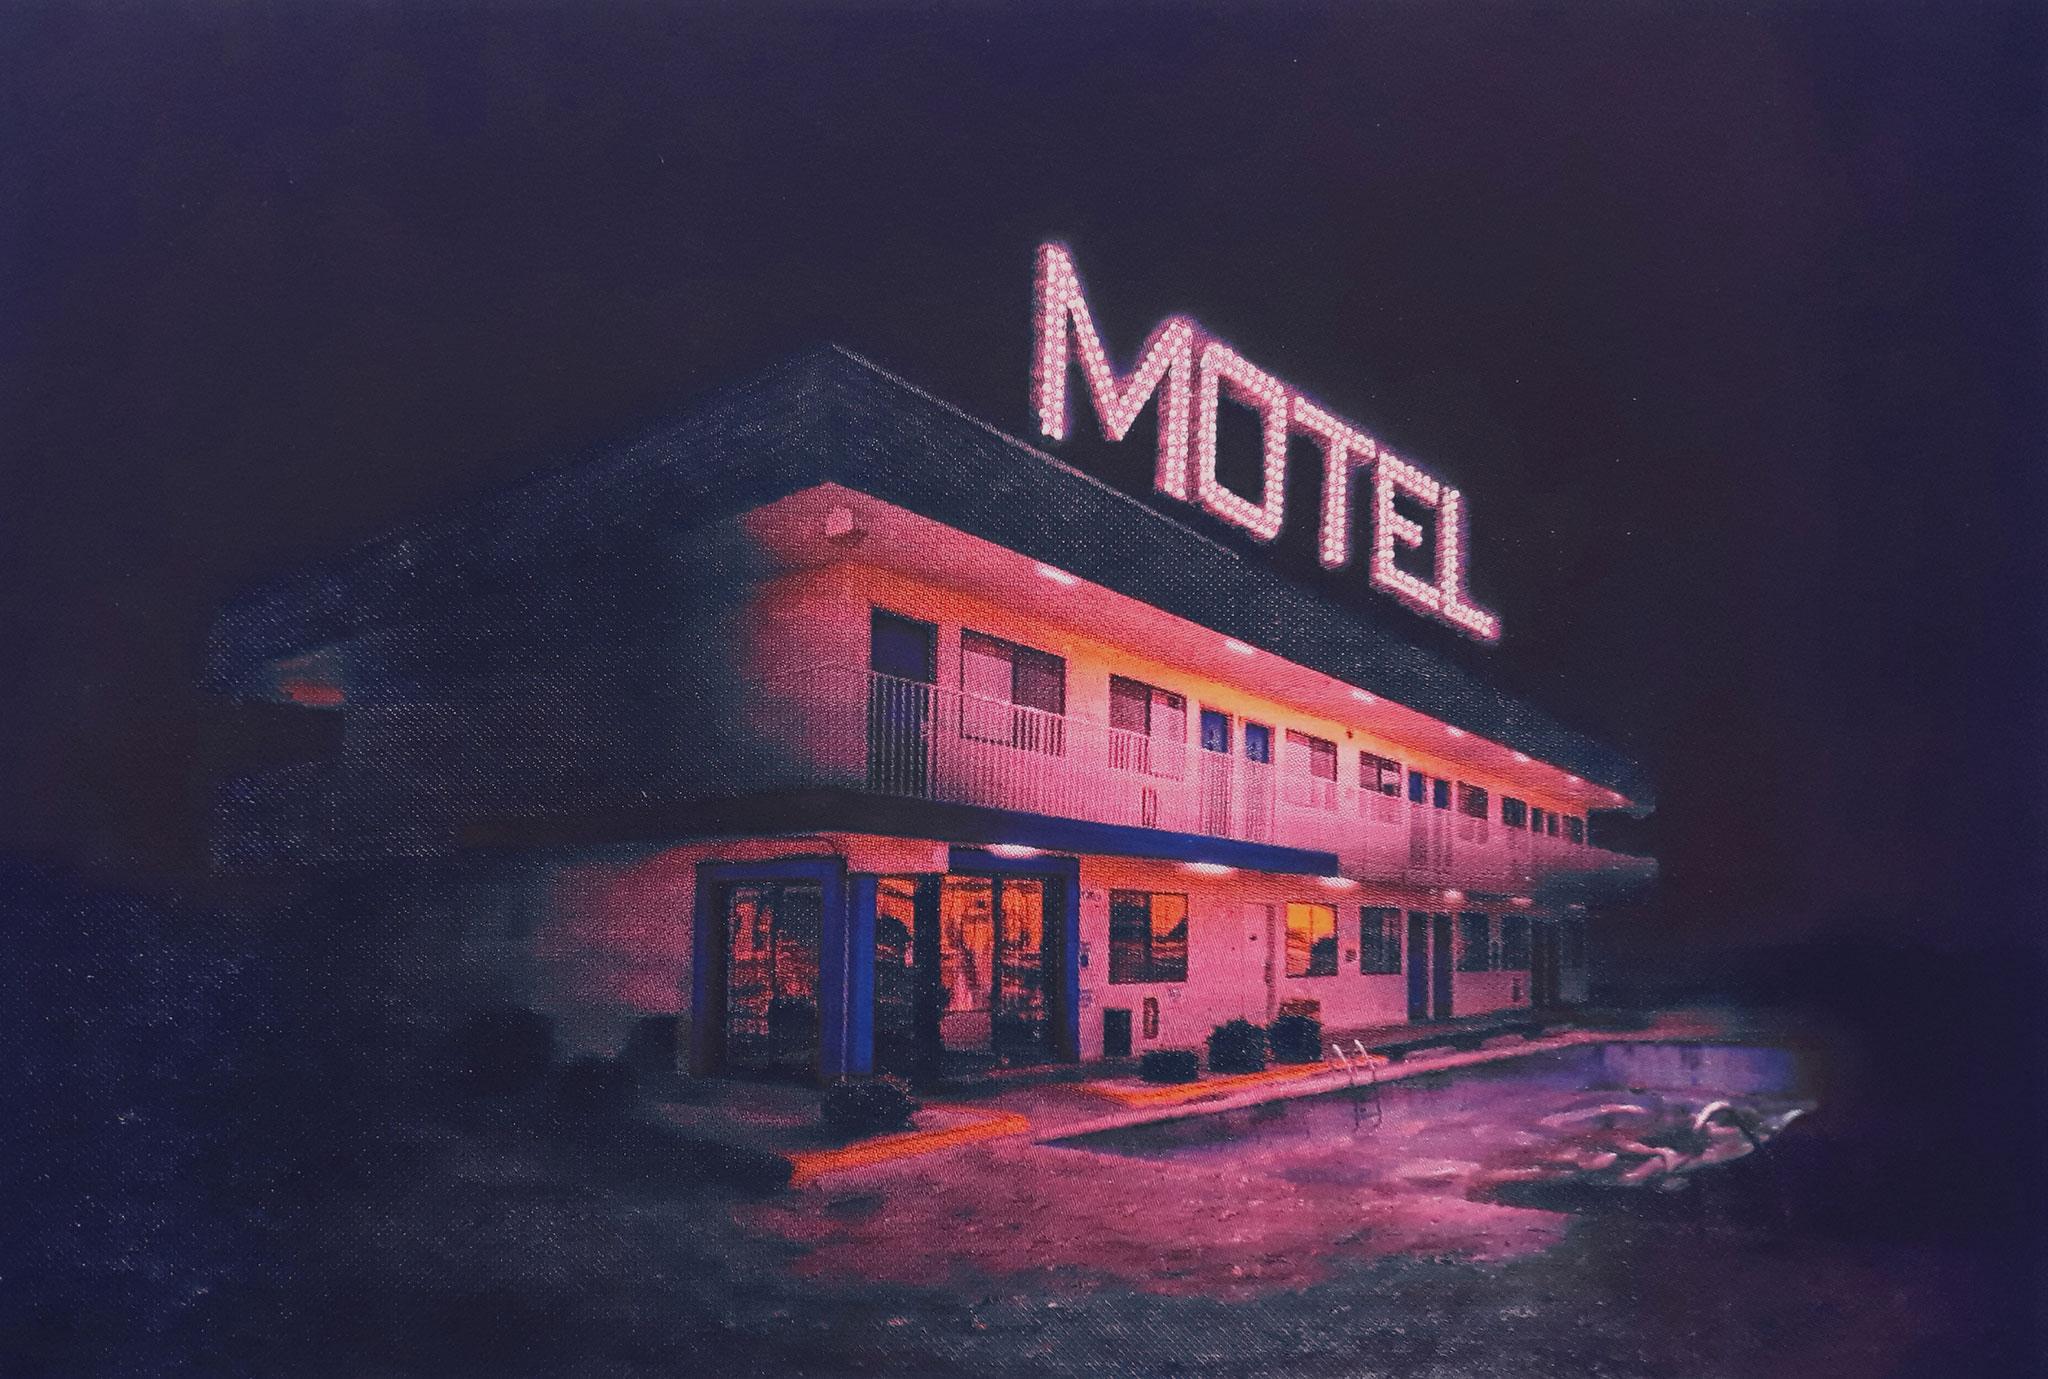 Julie Giraud, Motel 010, sérigraphie et peinture phosphorescente sur papier Rivoli, 50 x 35 cm, 2016